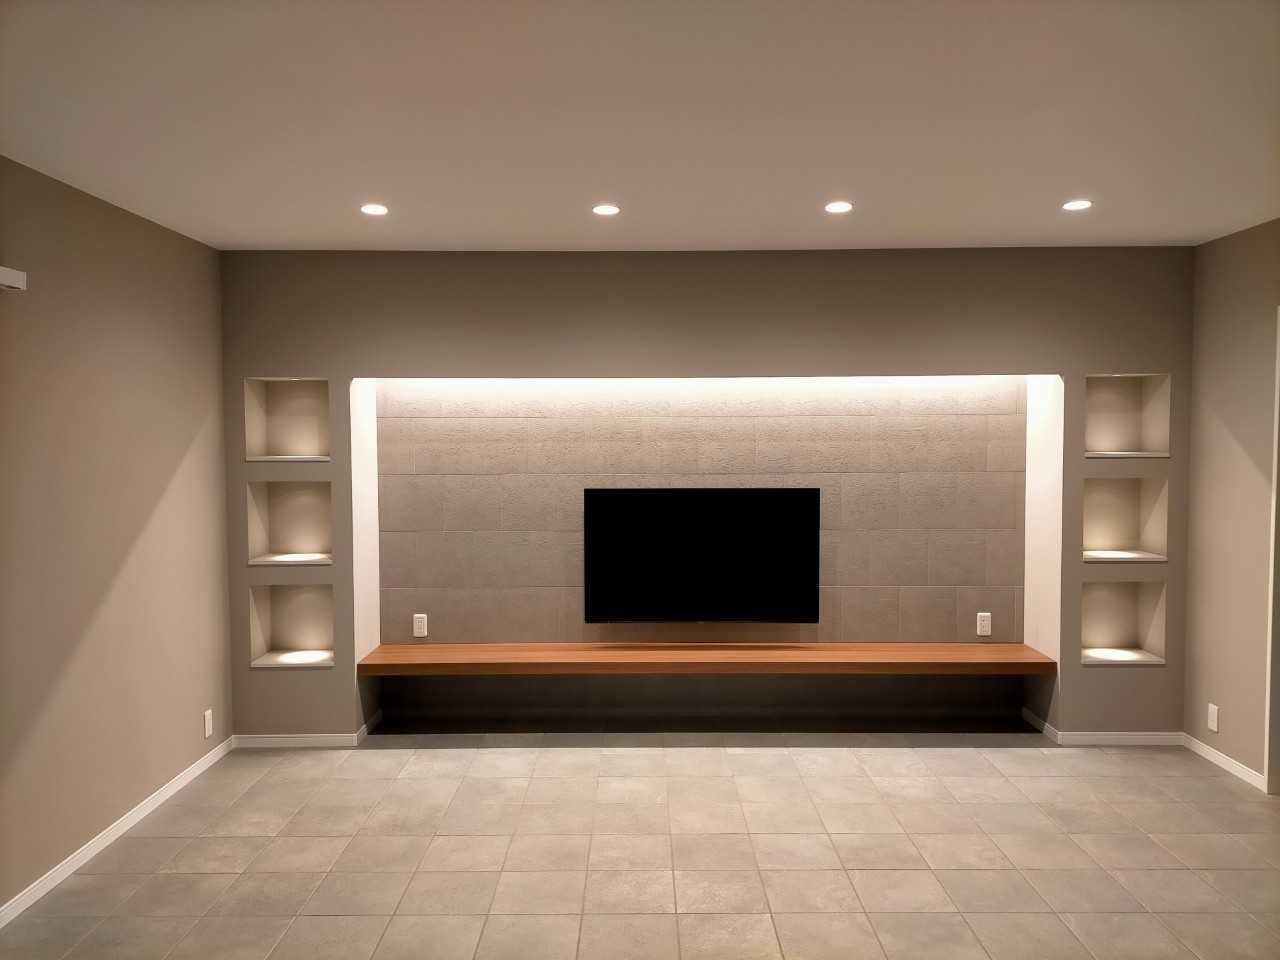 テレビの上に関節照明を入れ、高級感溢れるリビング